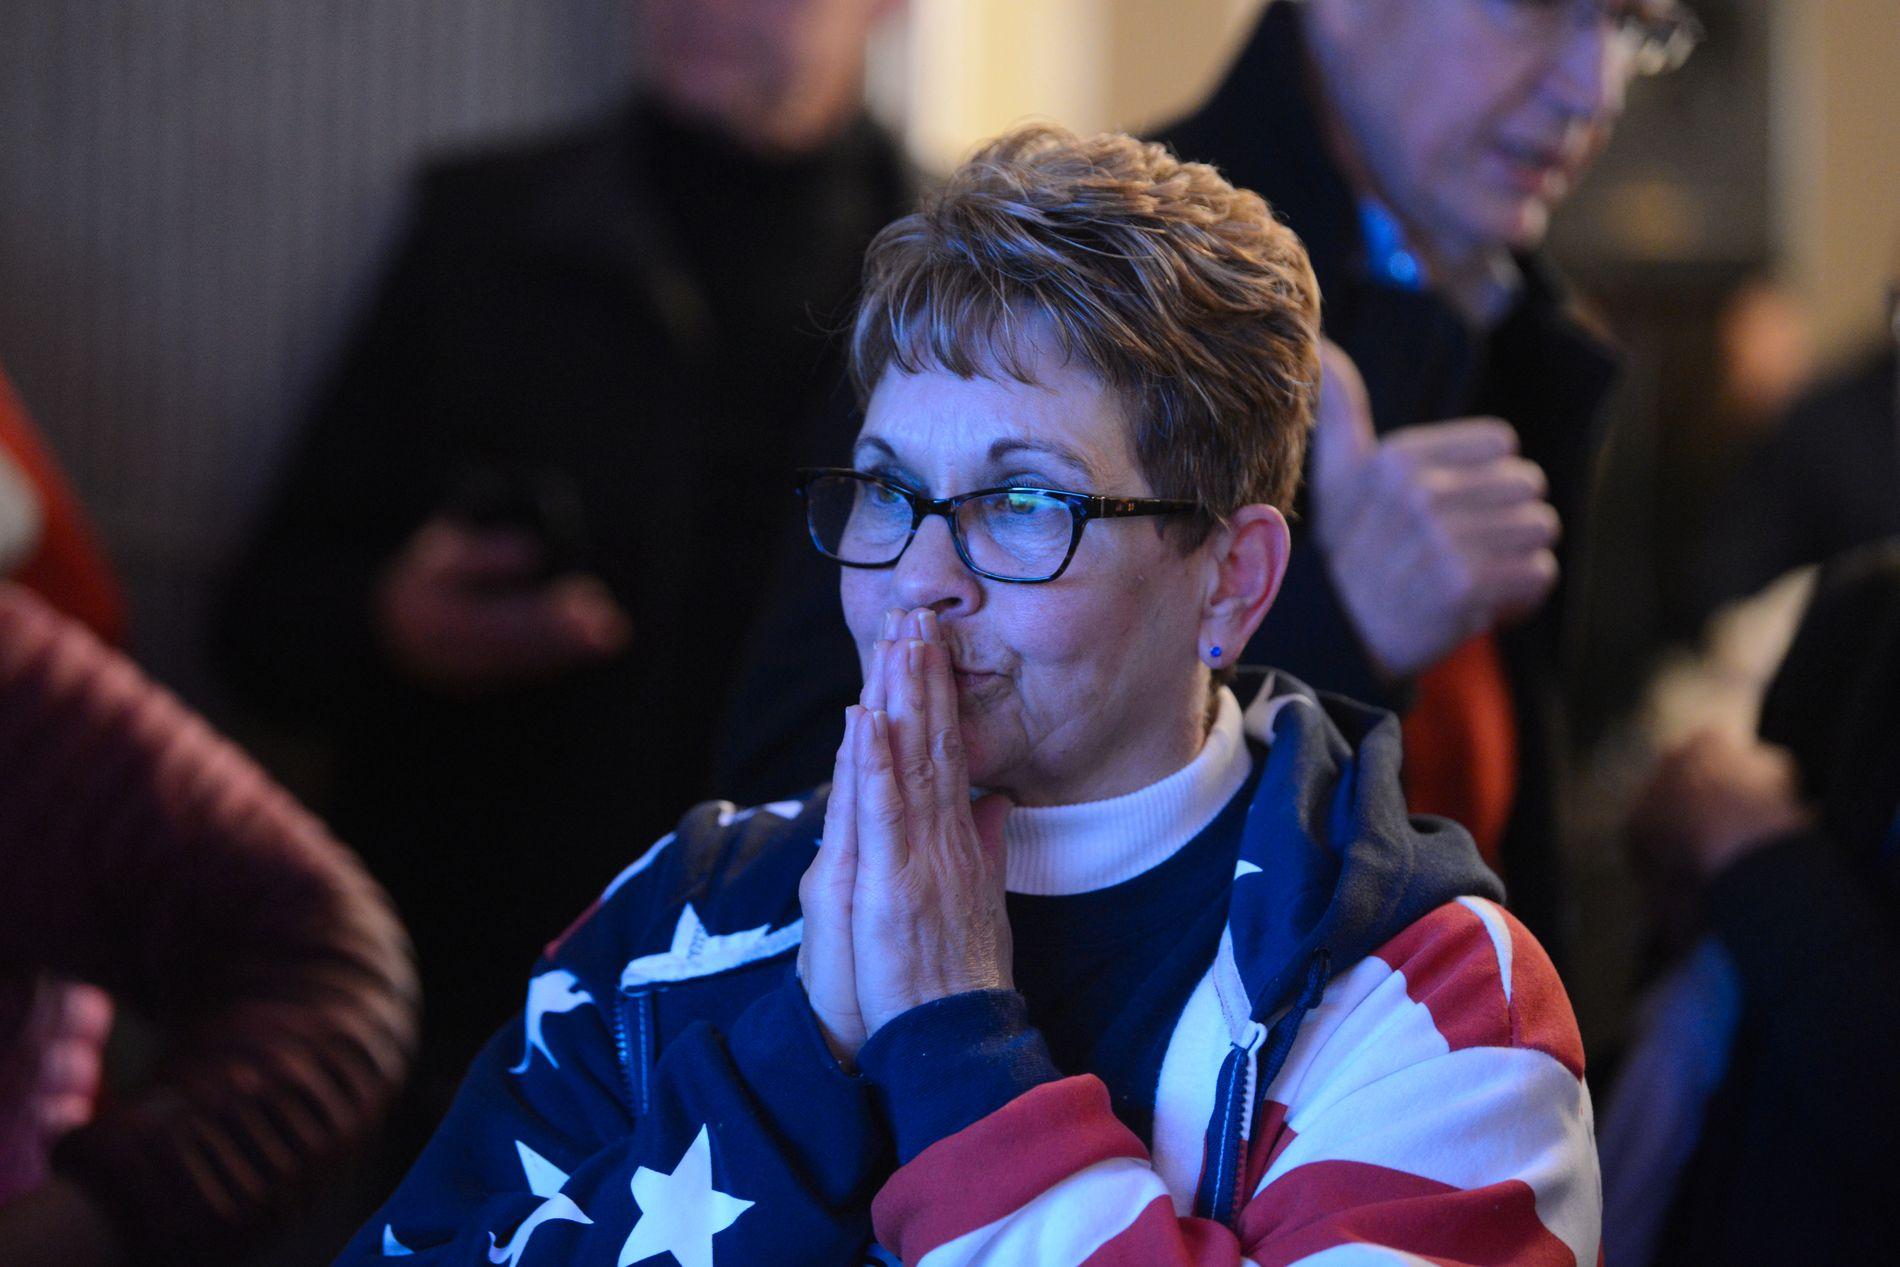 THRILLERVALG: En av tilhengerne til Rick Saccone følger i spenning med på valgresultatene.